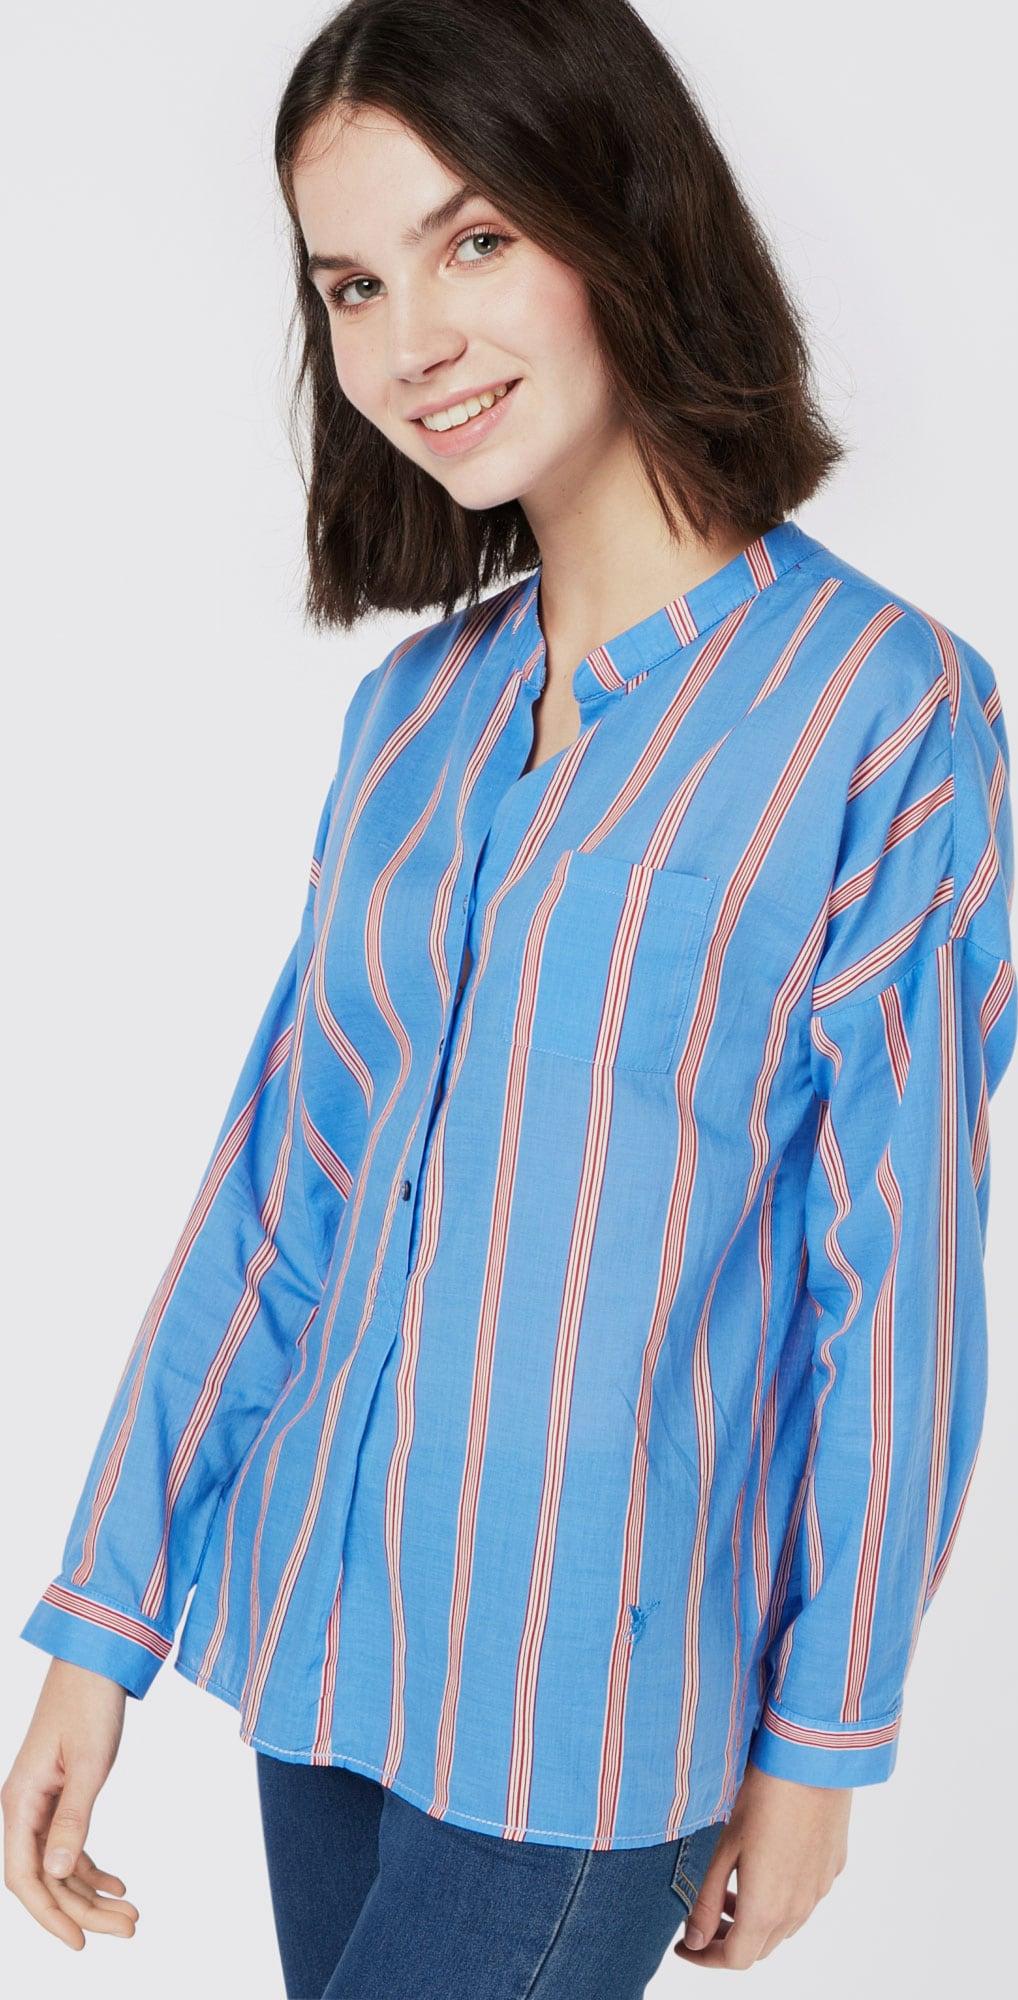 emily van den bergh bluse 39 stripes 39 in blau about you. Black Bedroom Furniture Sets. Home Design Ideas